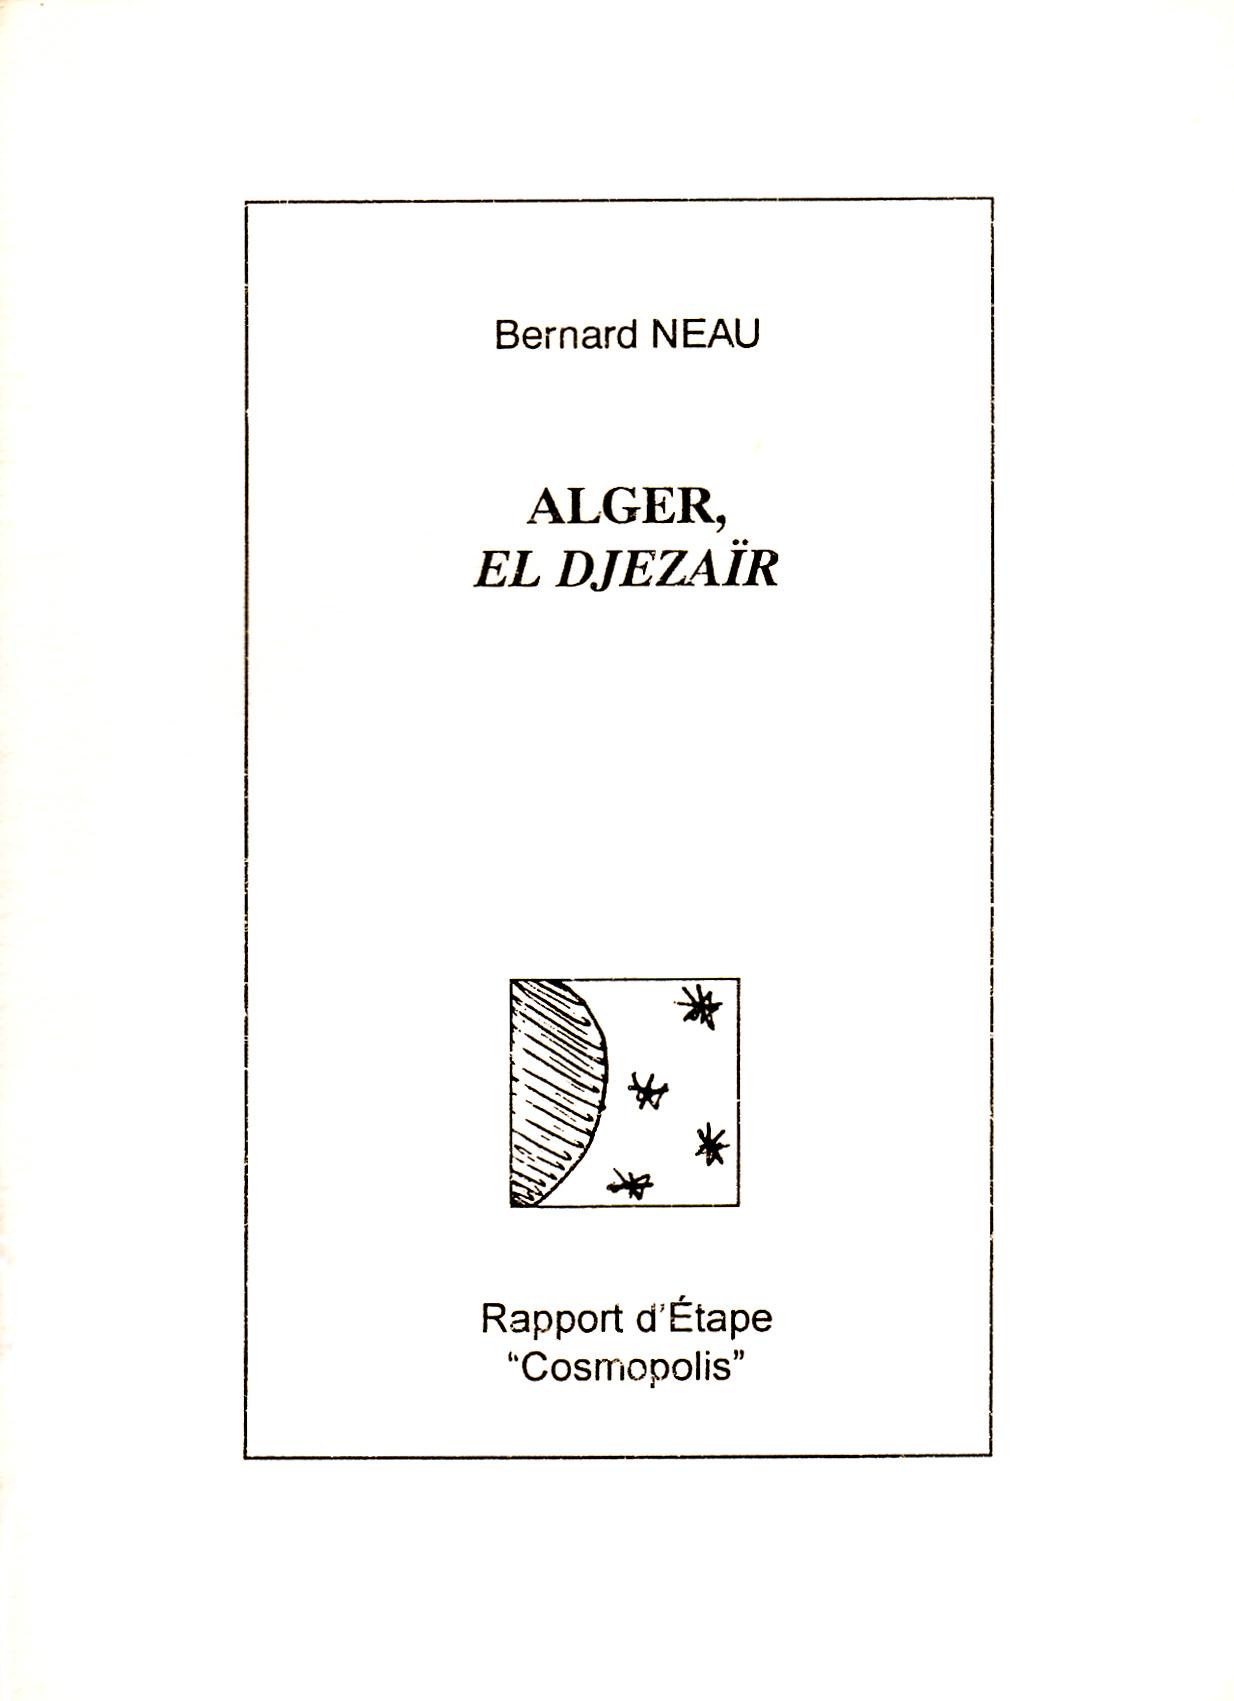 Alger, el djezaïr, Rapport d'Étape, Cosmopolis, Edition limitée à 100 exemplaires, 2003